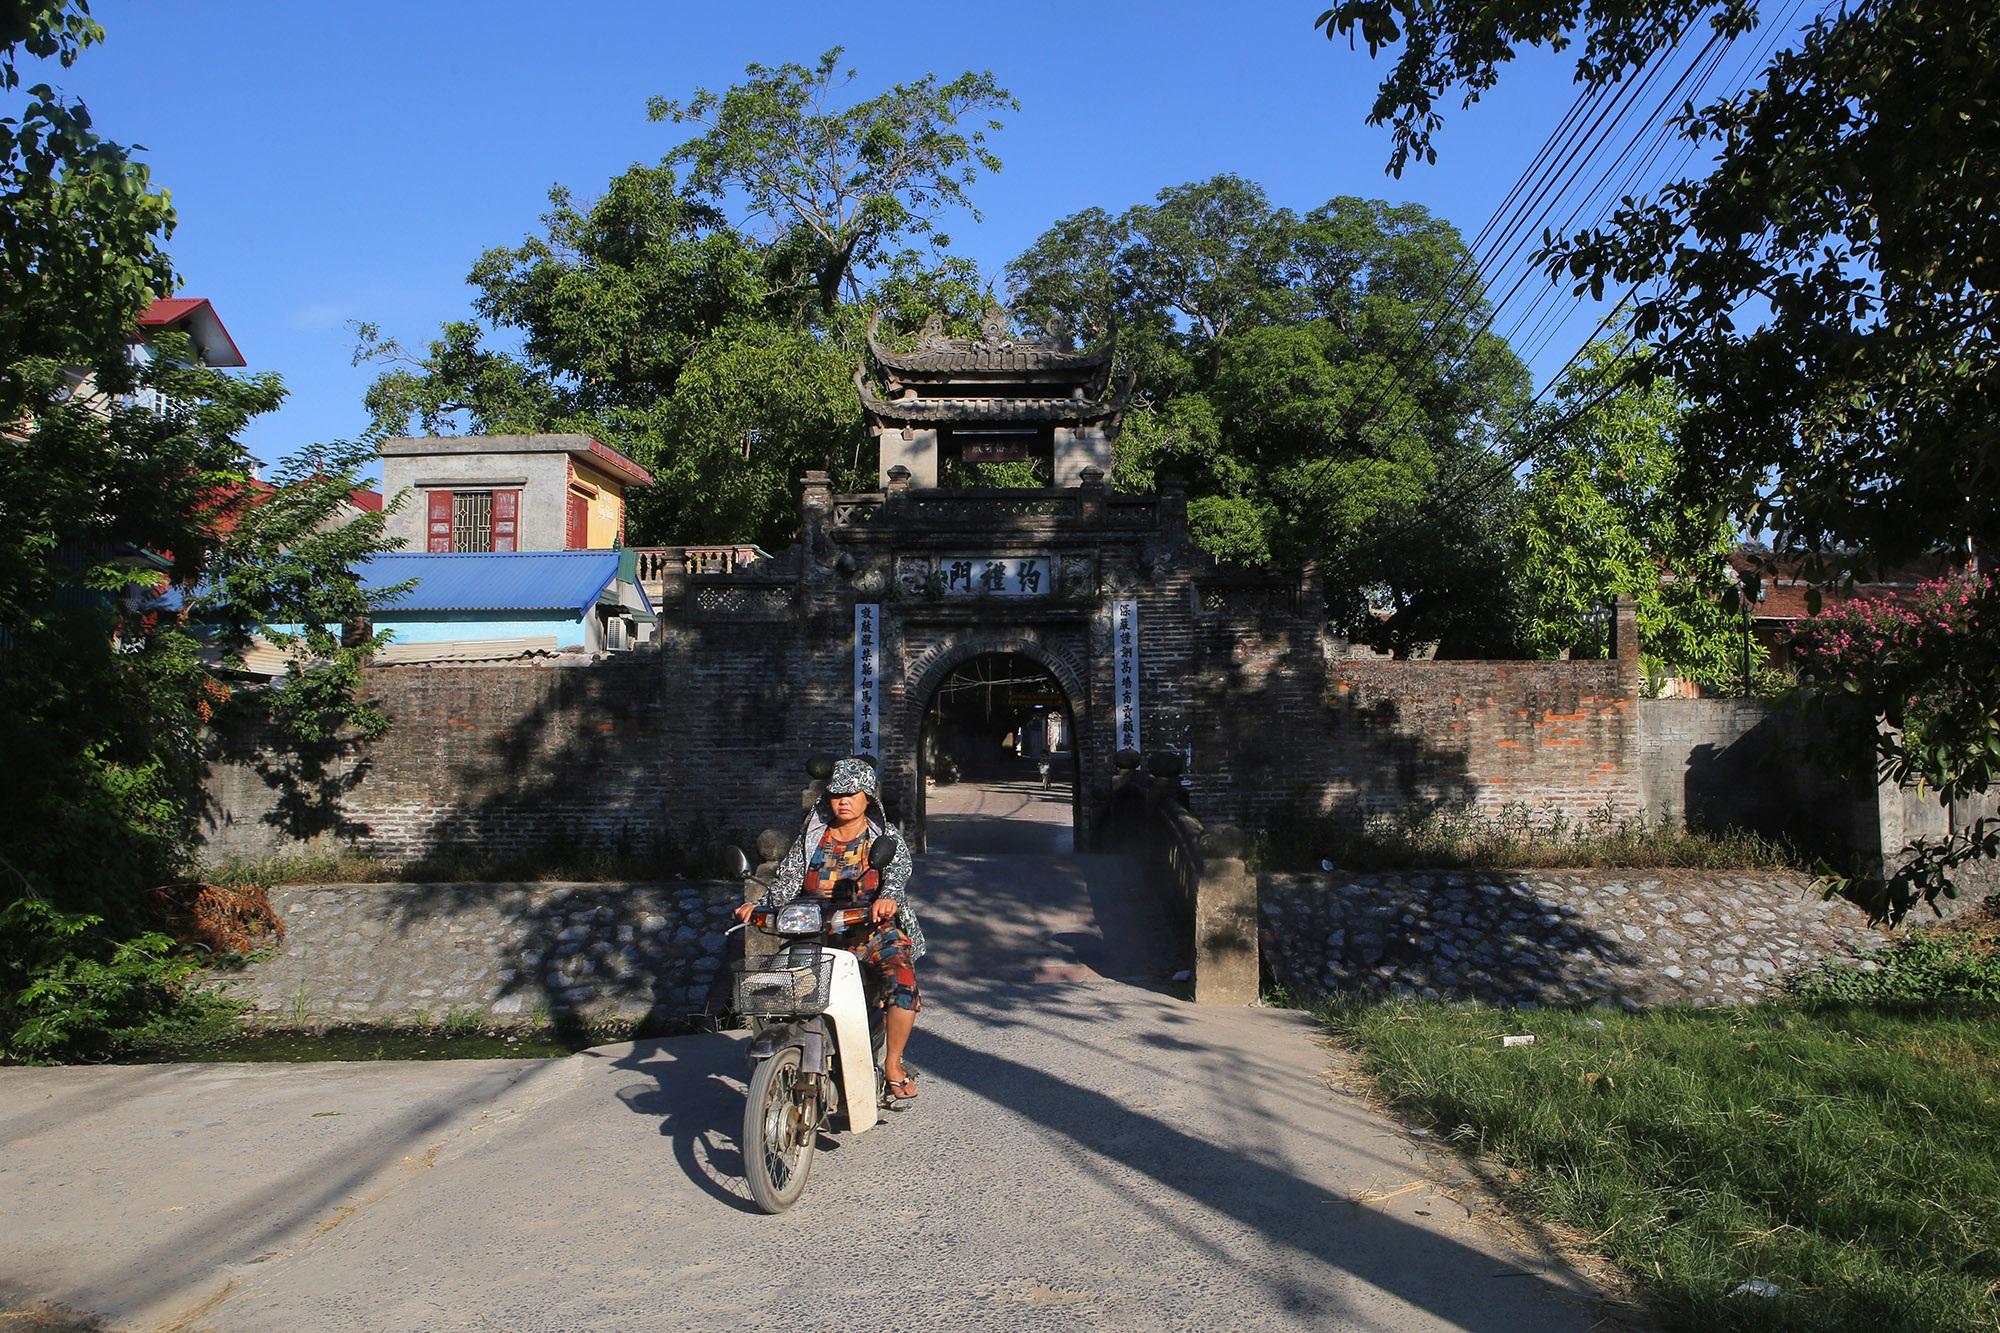 Khám phá vẻ đẹp của cổng làng đồ sộ trải qua 5 thế kỷ tại ngoại ô Hà Nội - 14